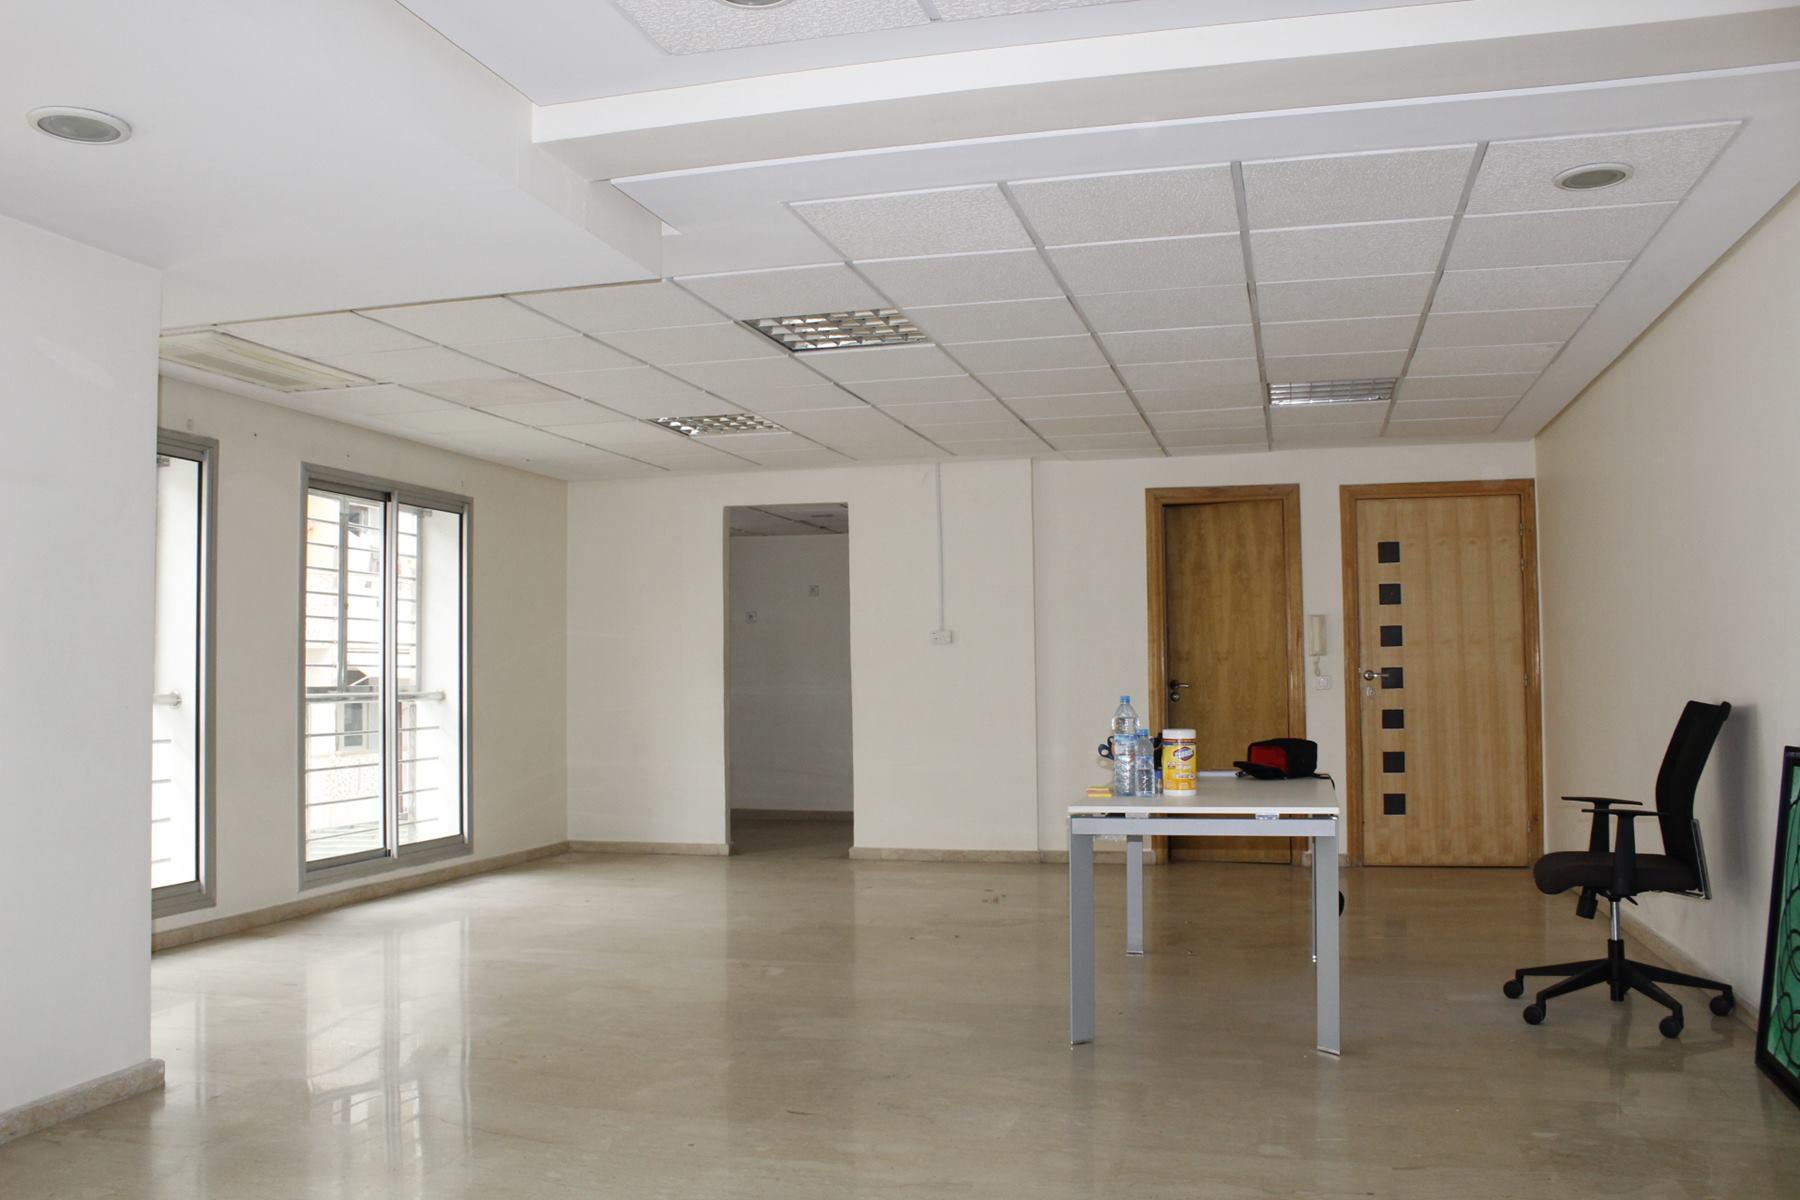 Casablanca à louer bureau très moderne et bien équipé u nourreska